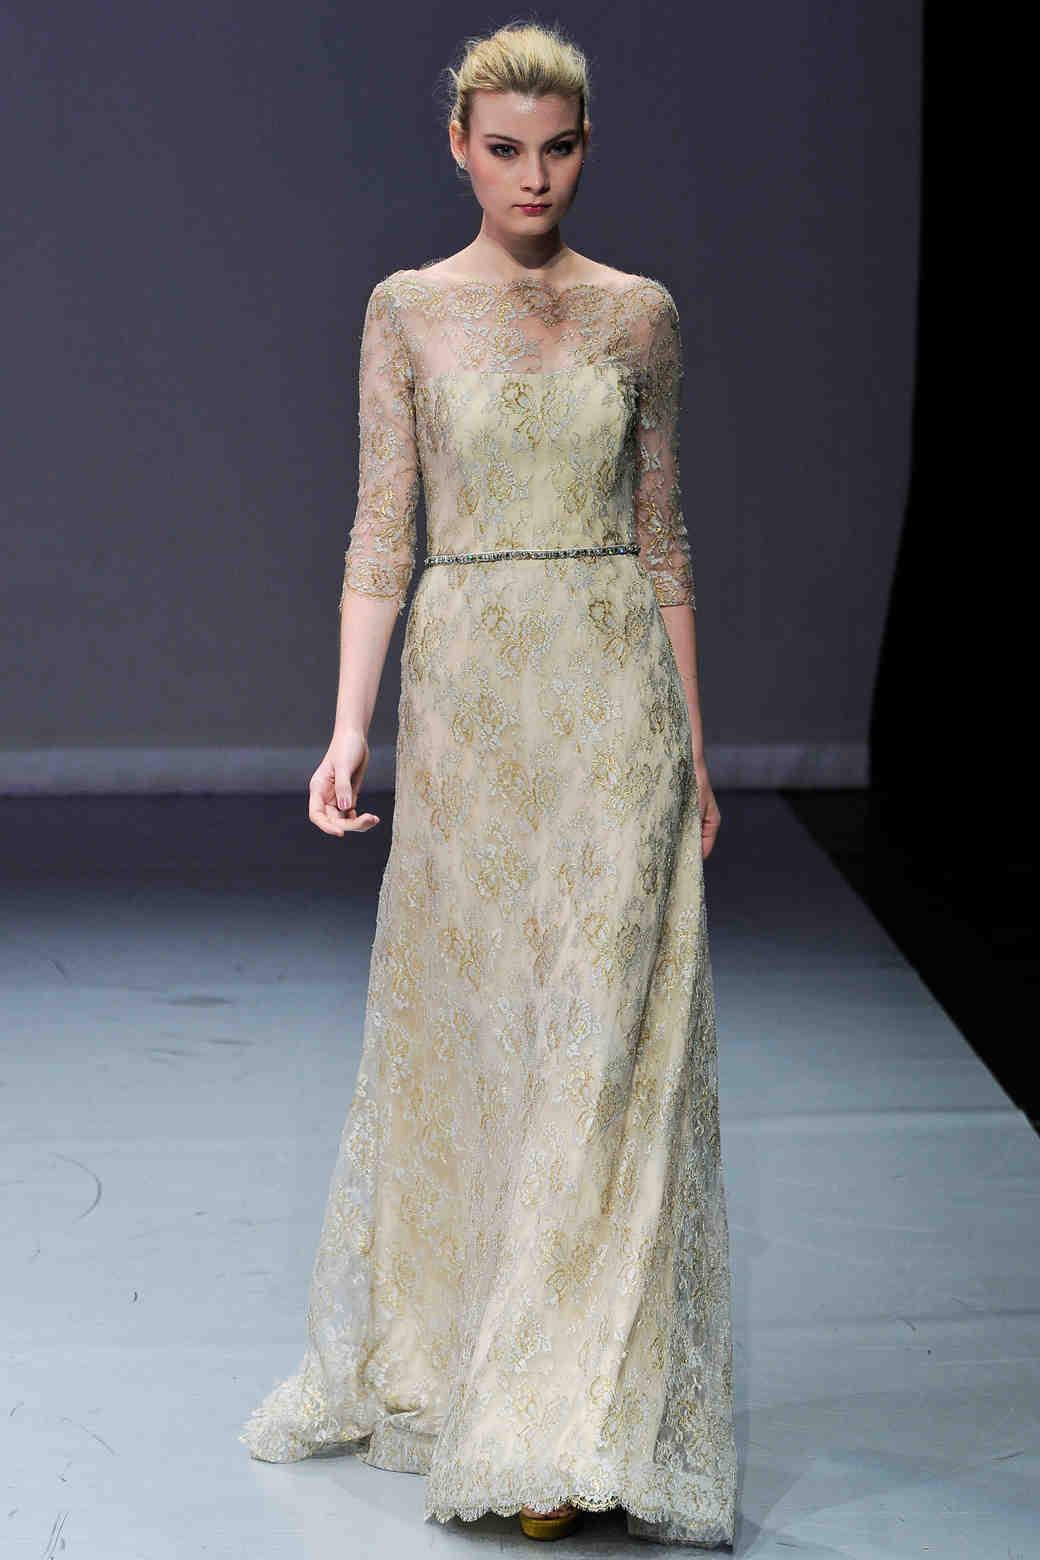 Gold Wedding Dresses, Fall 2012 Bridal Fashion Week | Martha Stewart ...